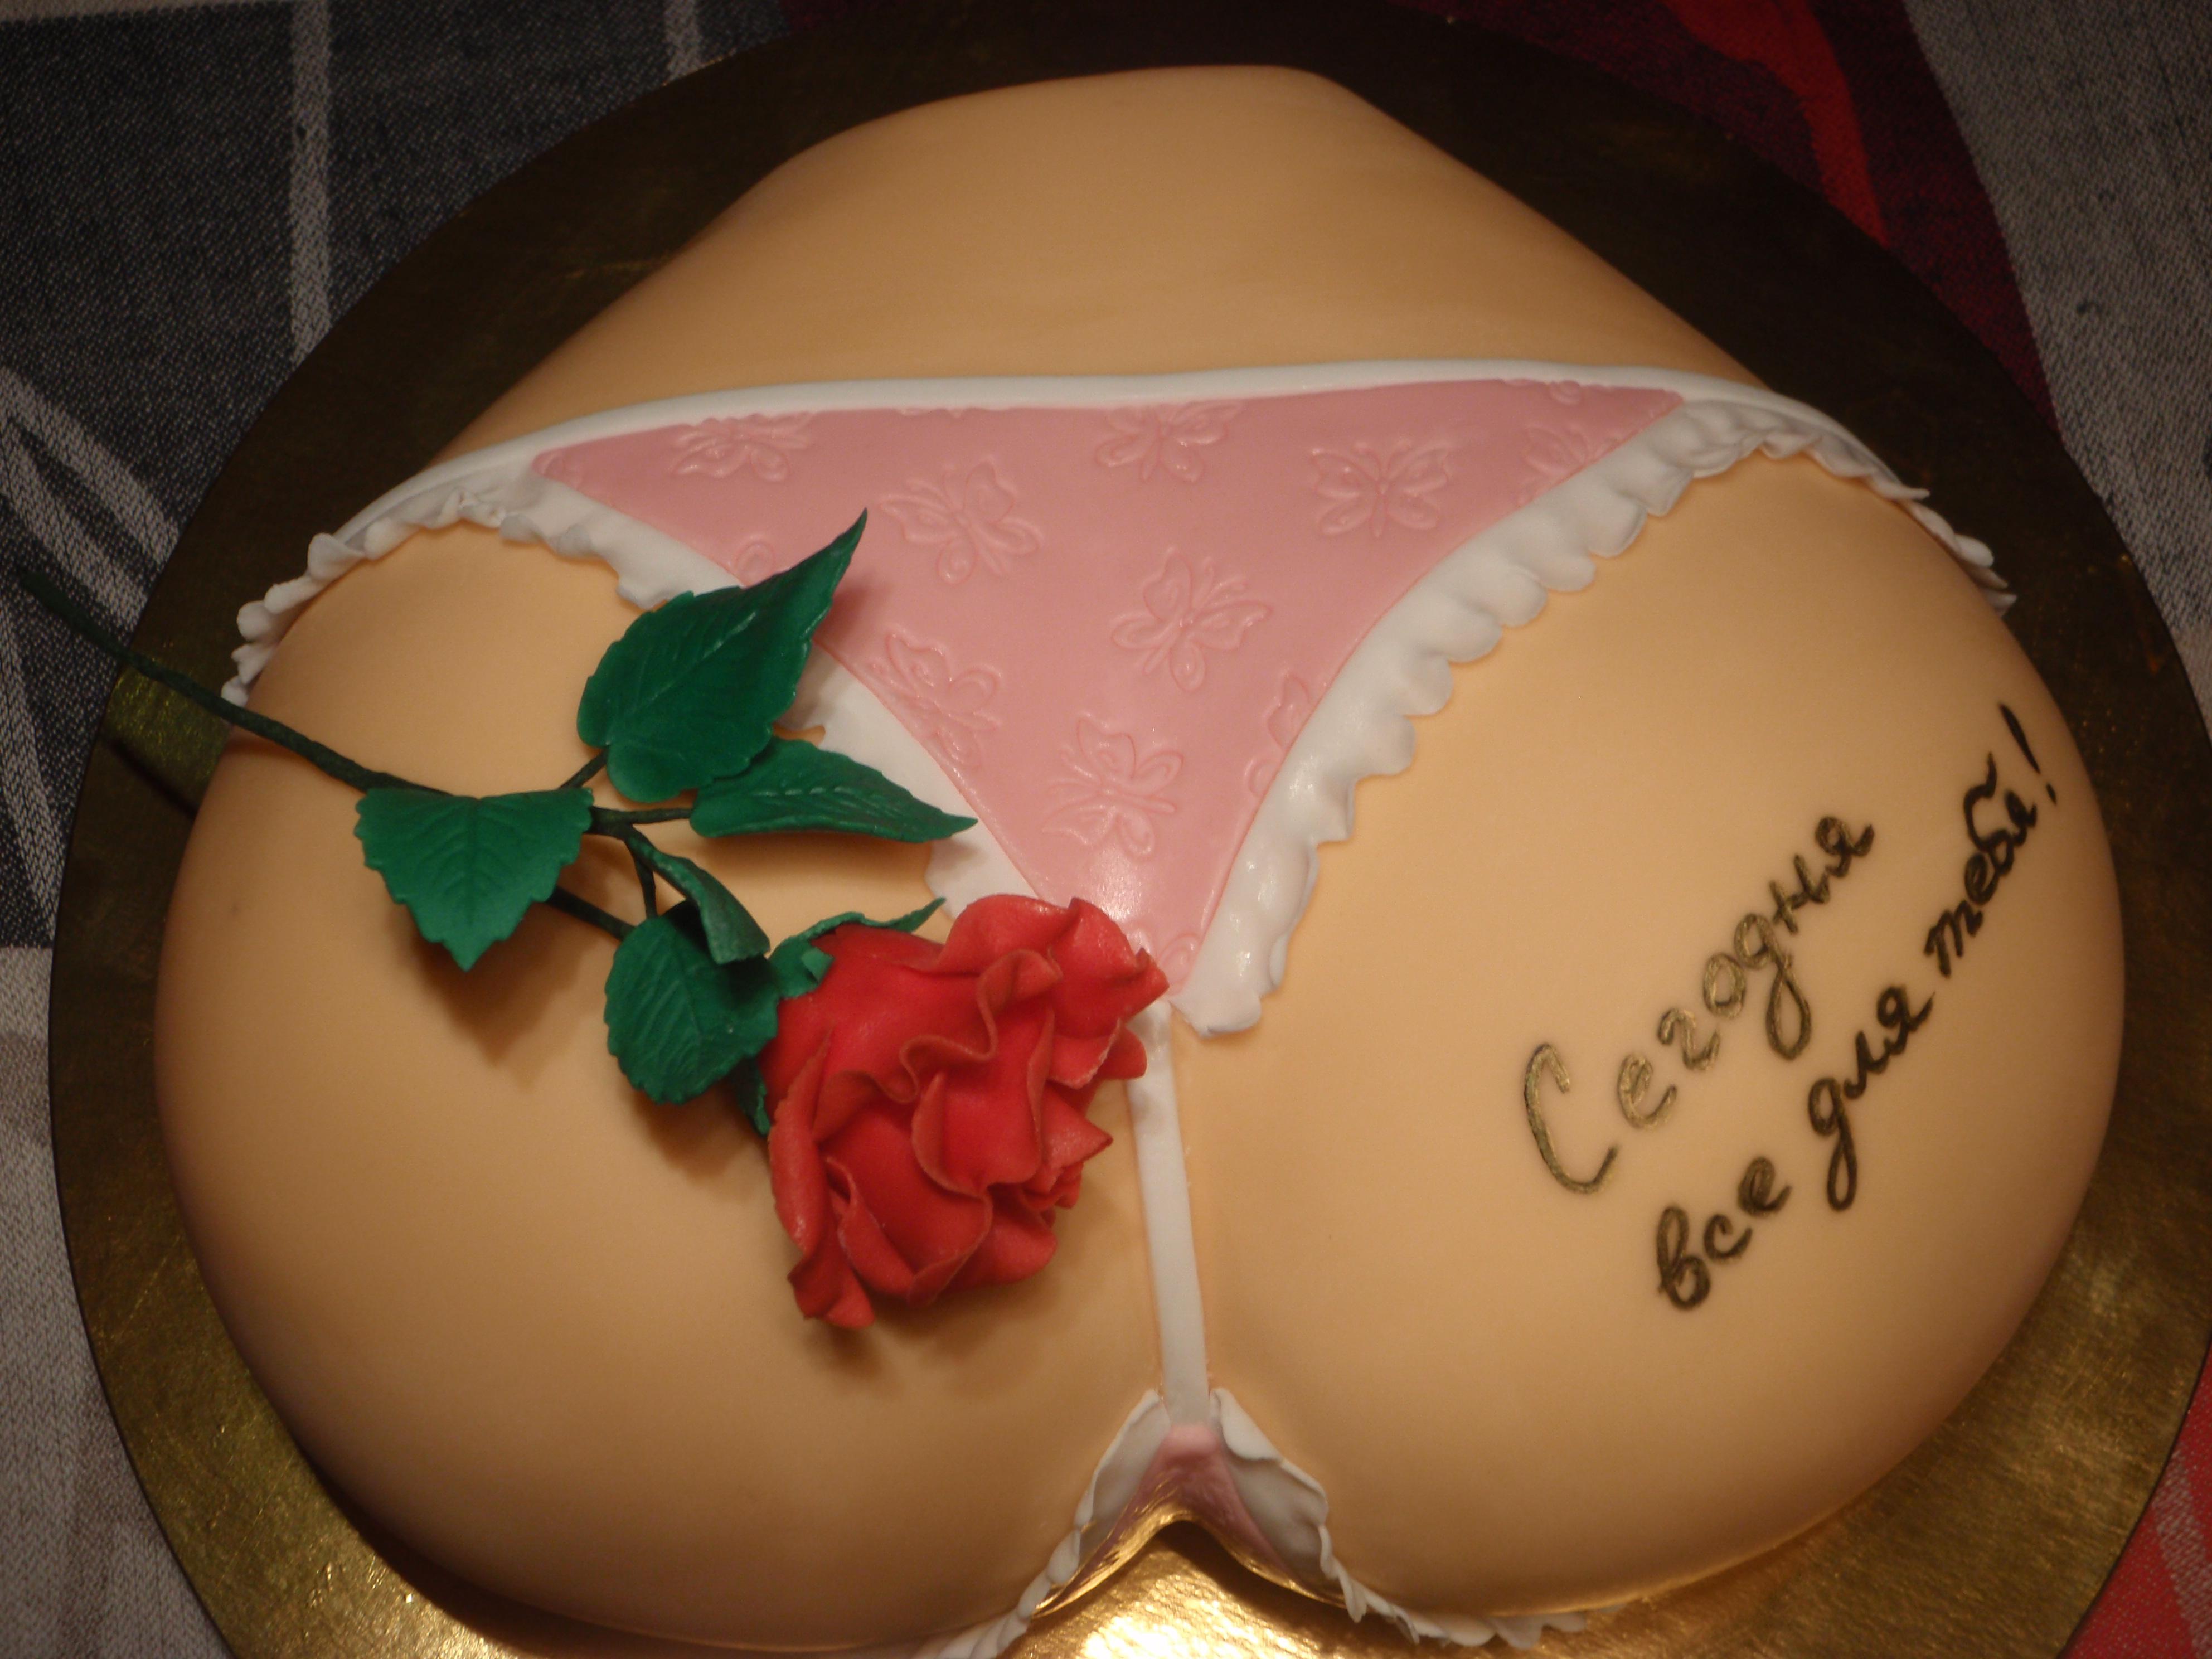 Фото вагина торт, Эротический Торт Вагина вес торта НА фото 8 фотография